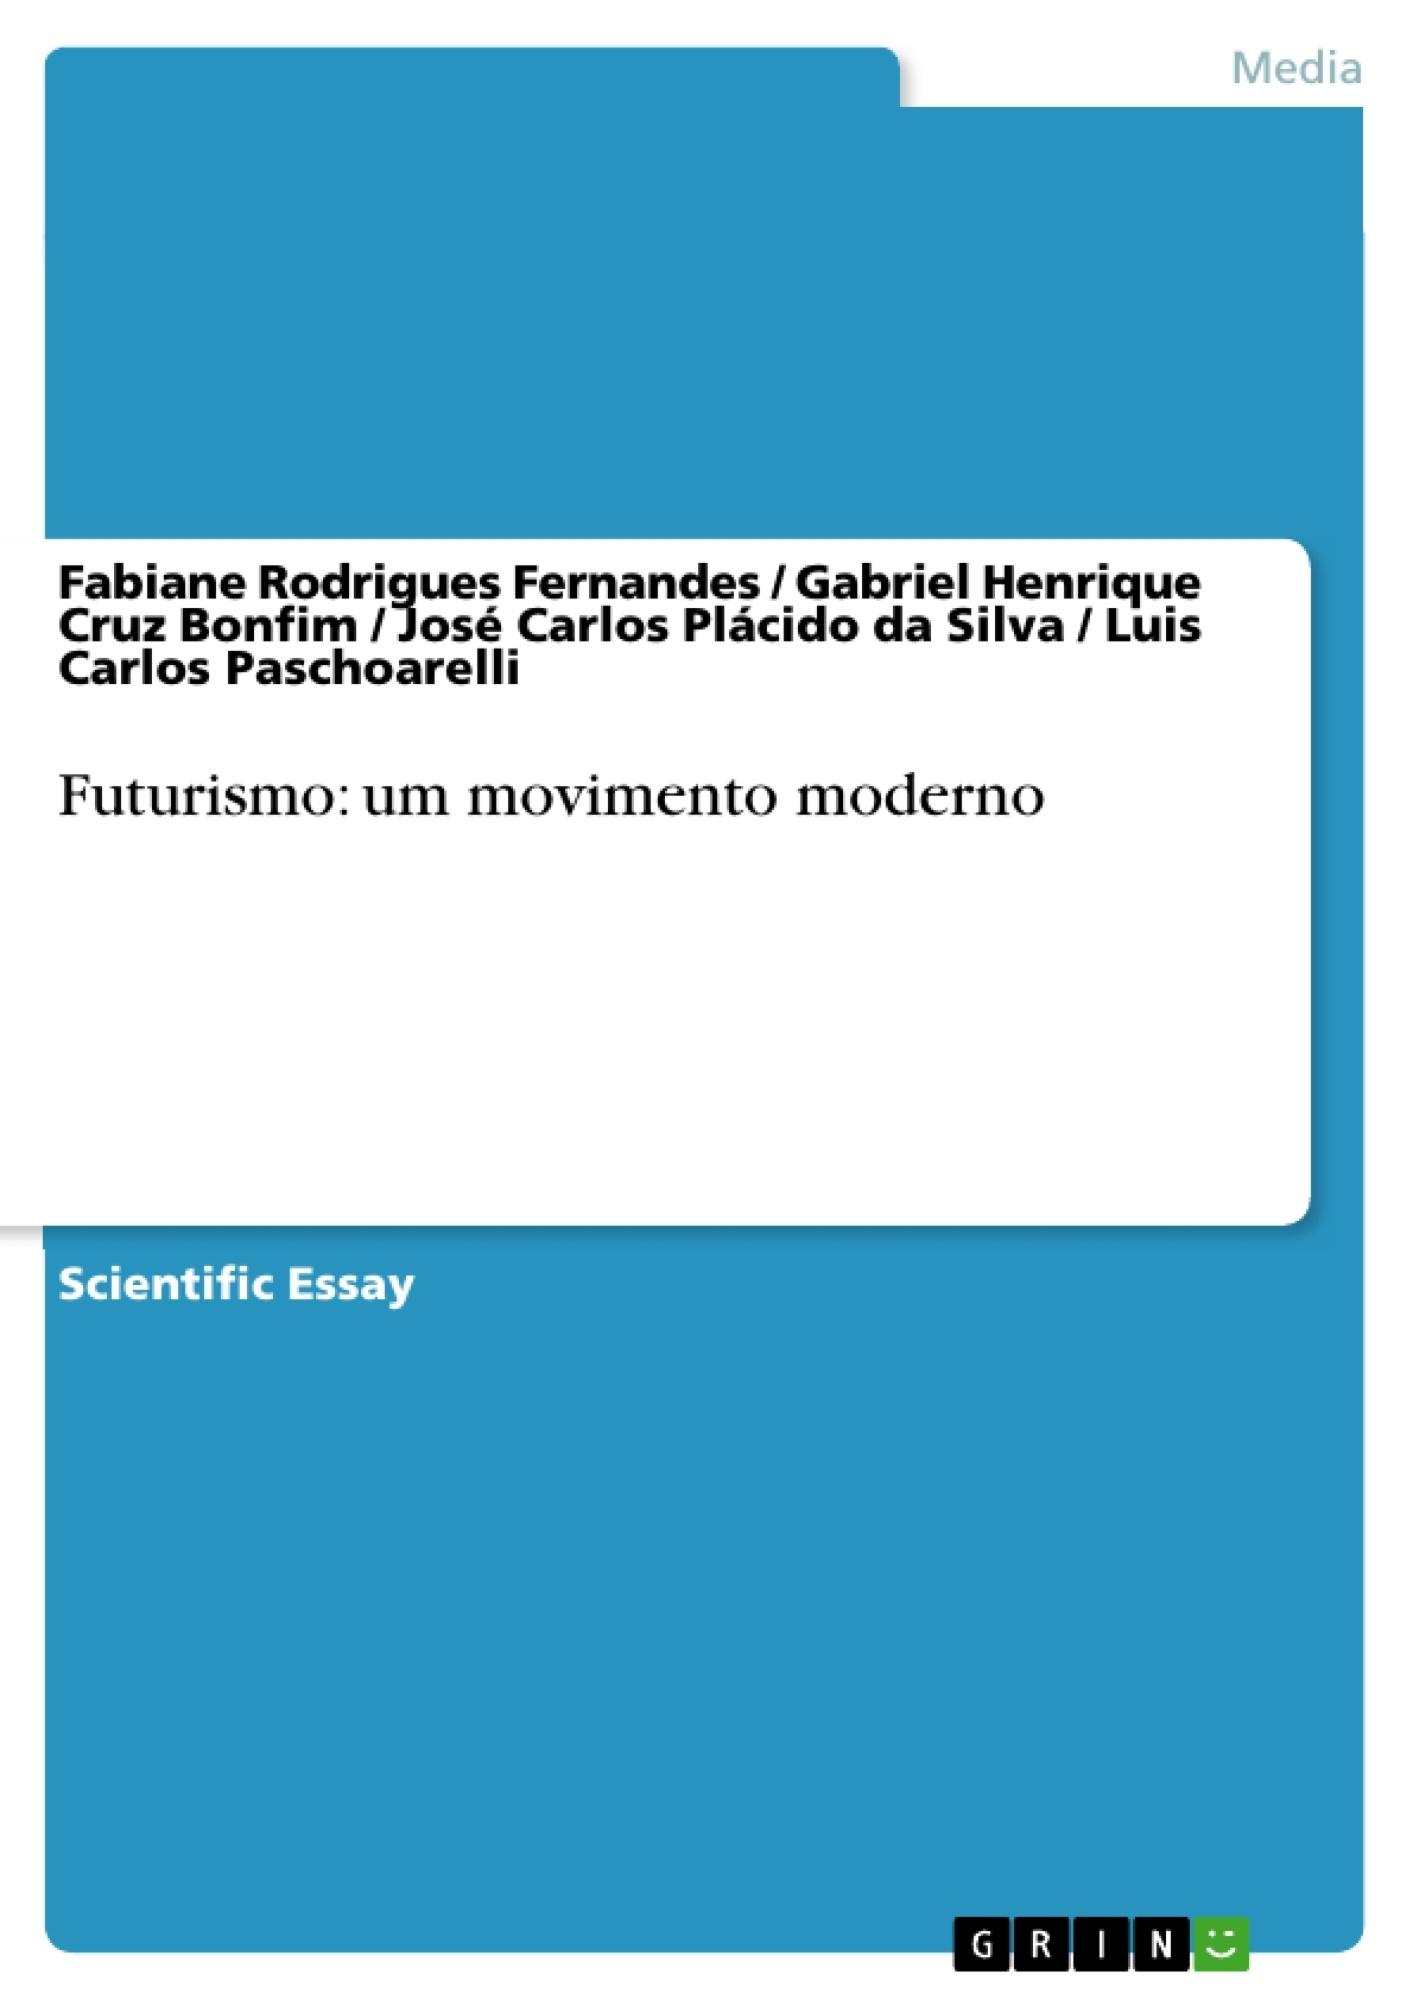 Title: Futurismo: um movimento moderno